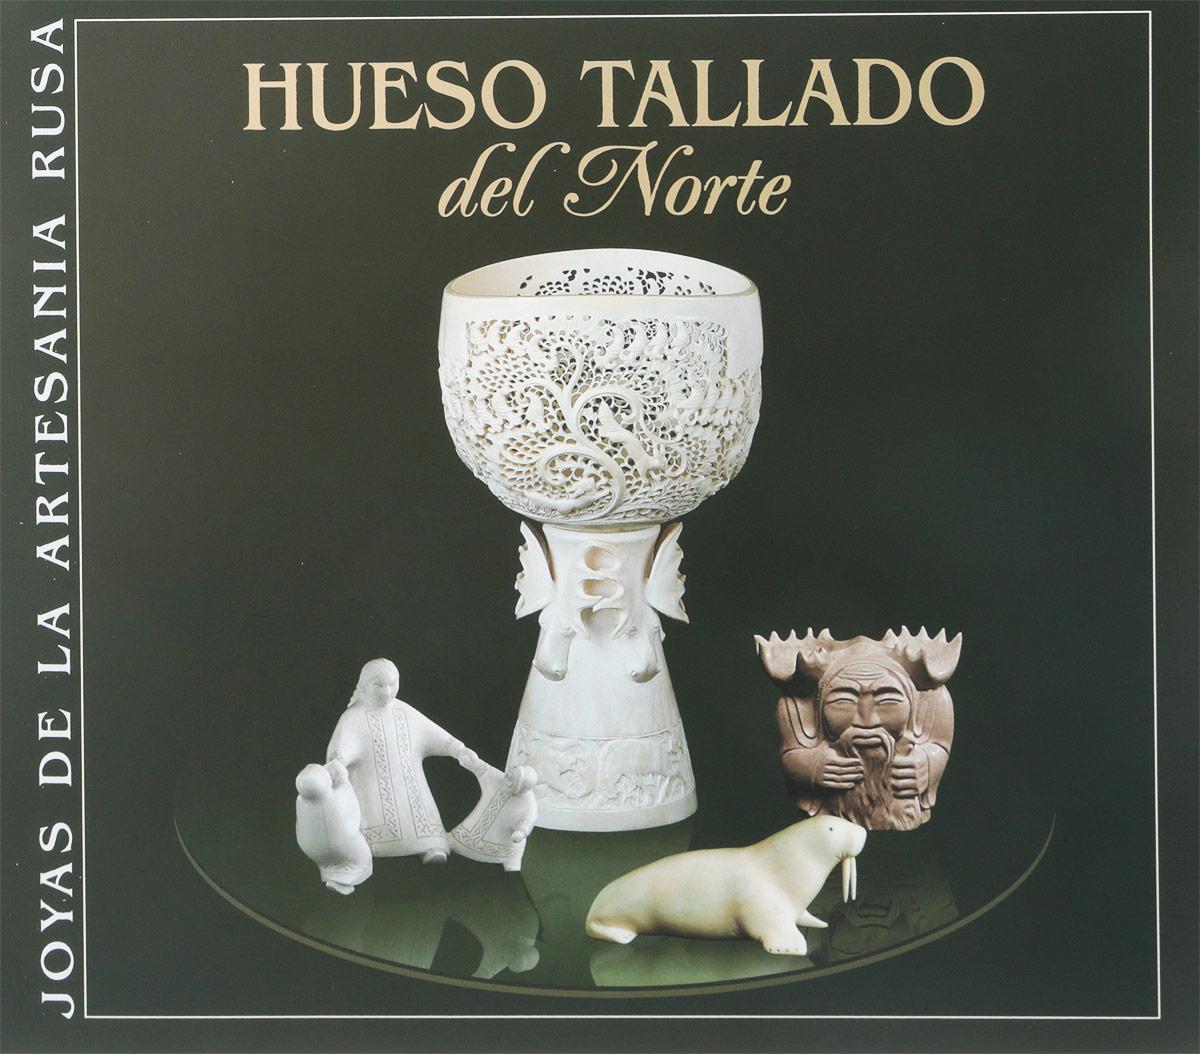 Н. Вышар, А. Габышева, Н. Крестовская и др. Северная резная кость / Hueso Tallado del Norte (на испанском языке)